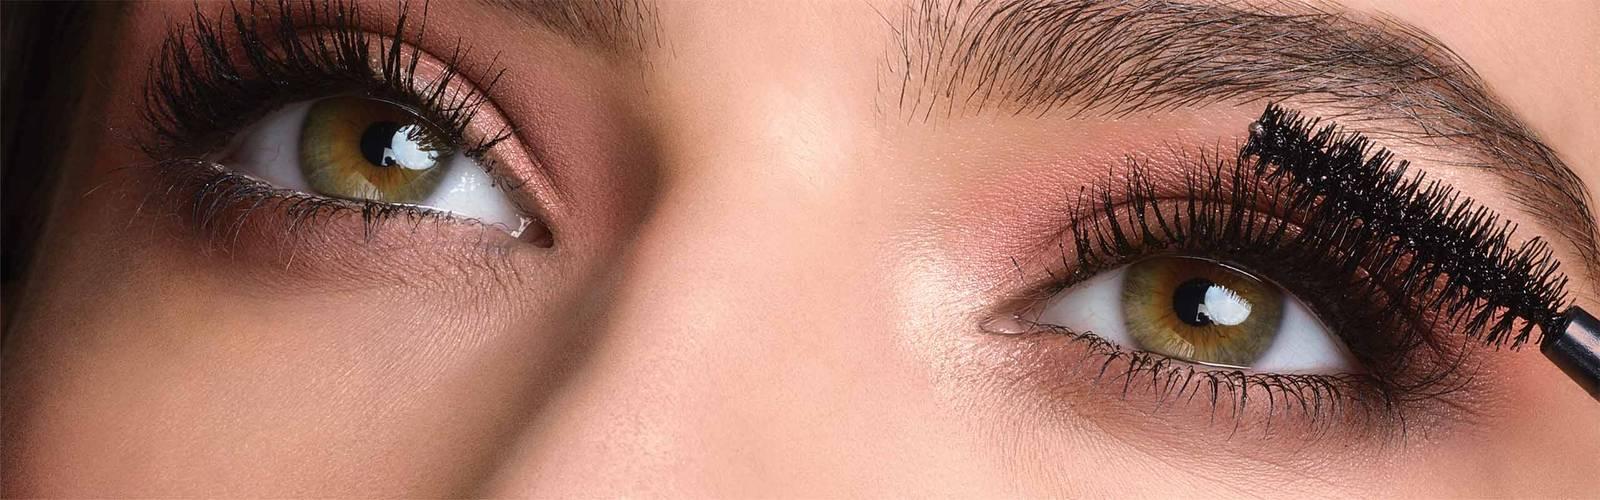 maybelline | coconut essence for eyelashes